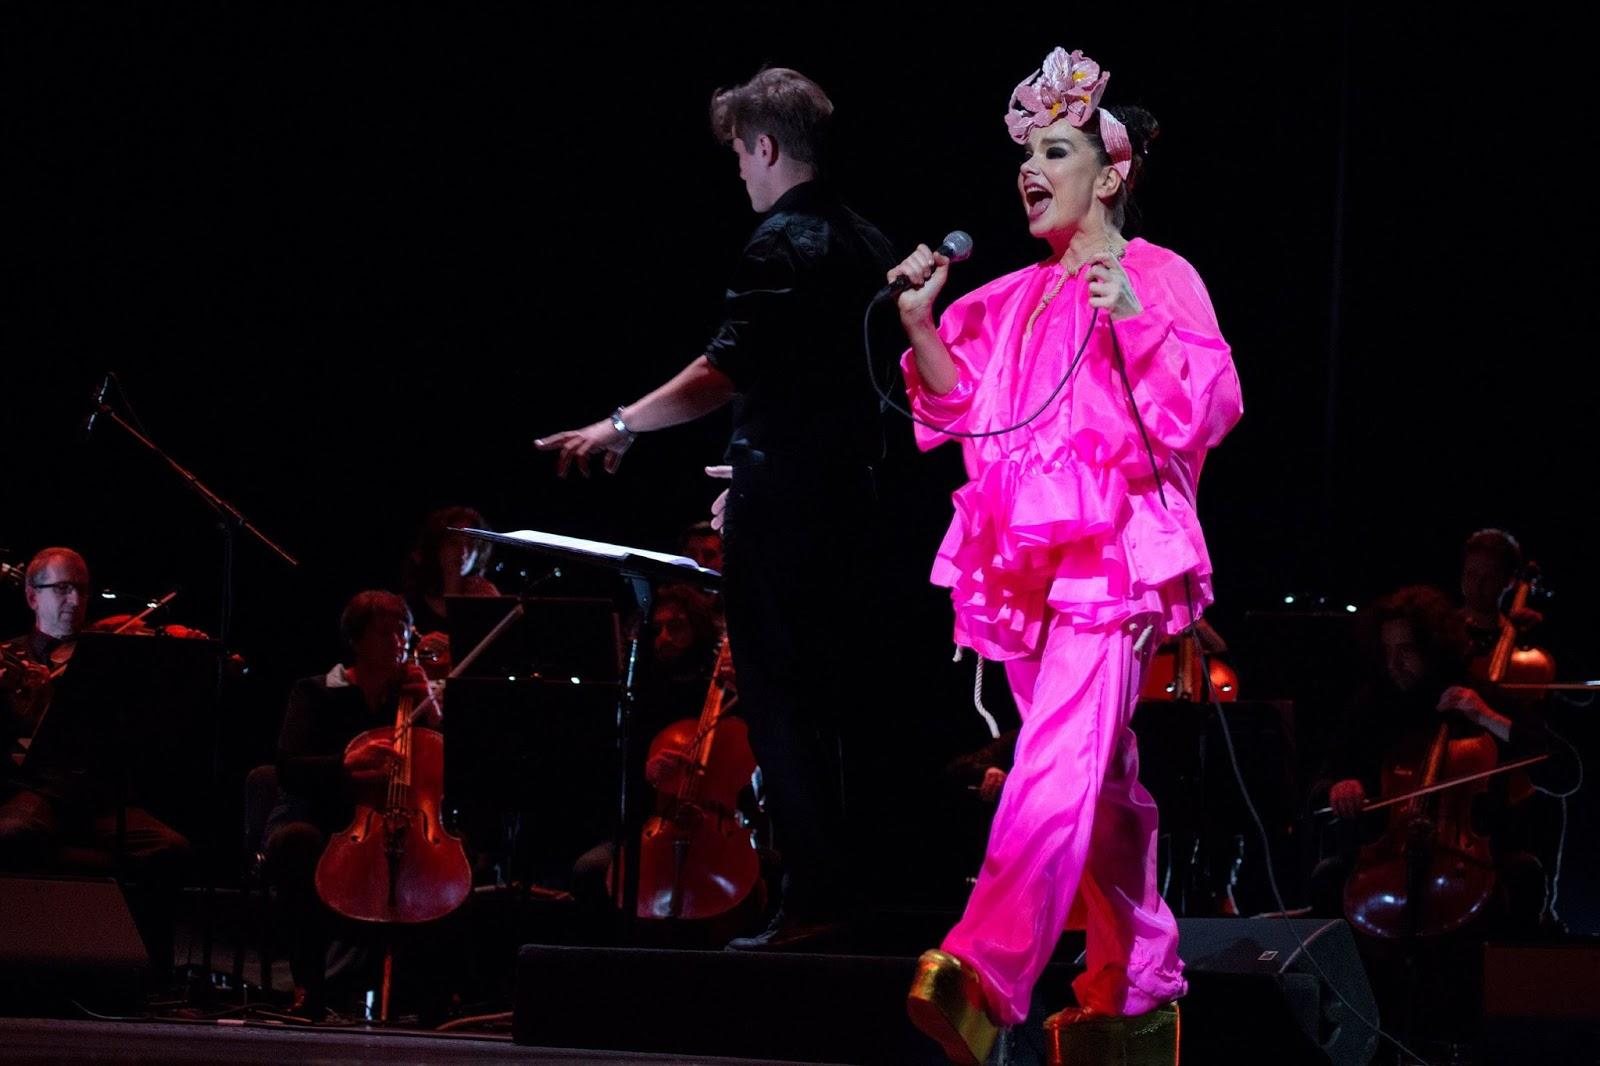 björk guðmundsdóttir: Björk - Live @ Governors Ball